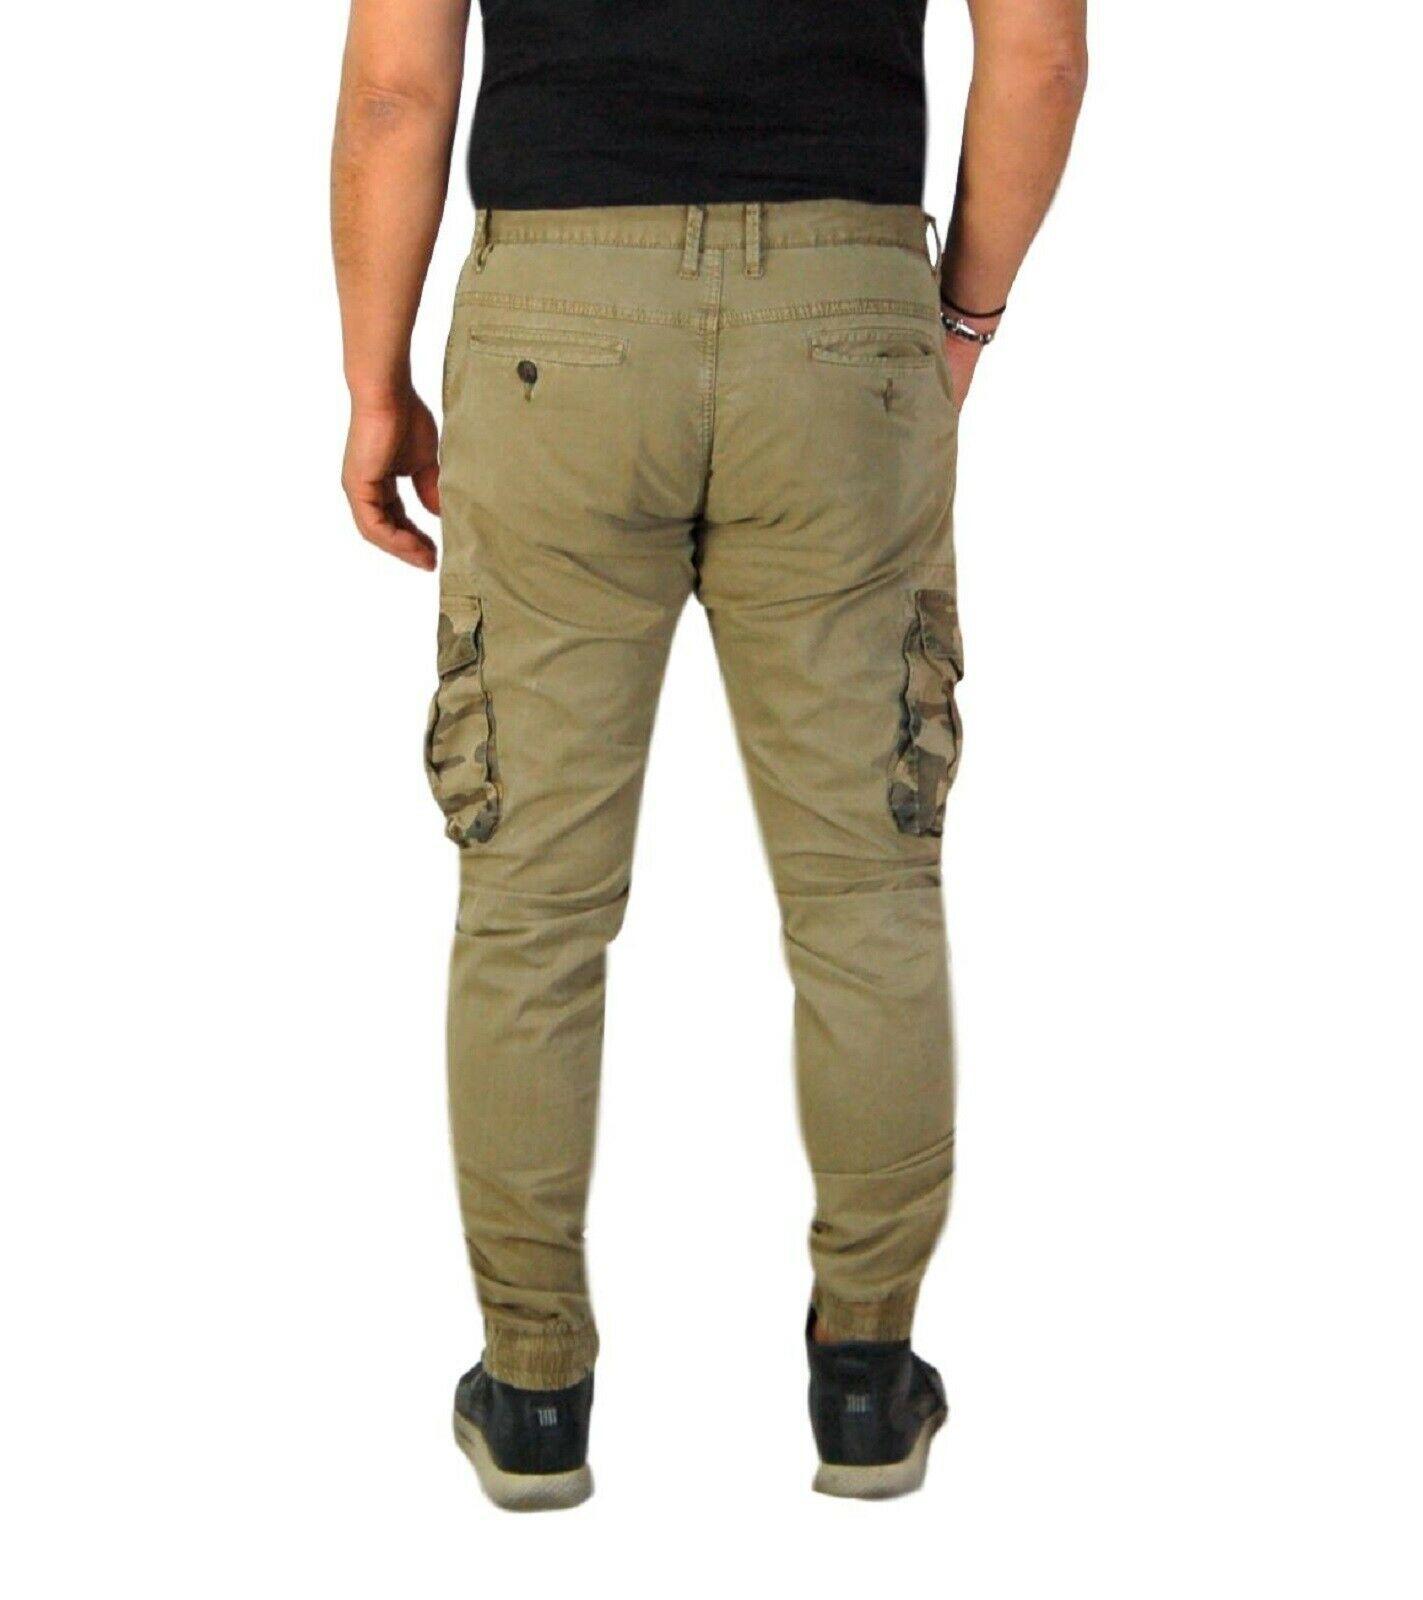 Pantalone-Uomo-Casual-Cargo-Con-Tasconi-Laterali-Mimetici-Multi-Tasche-Cotone-Ve miniatura 10